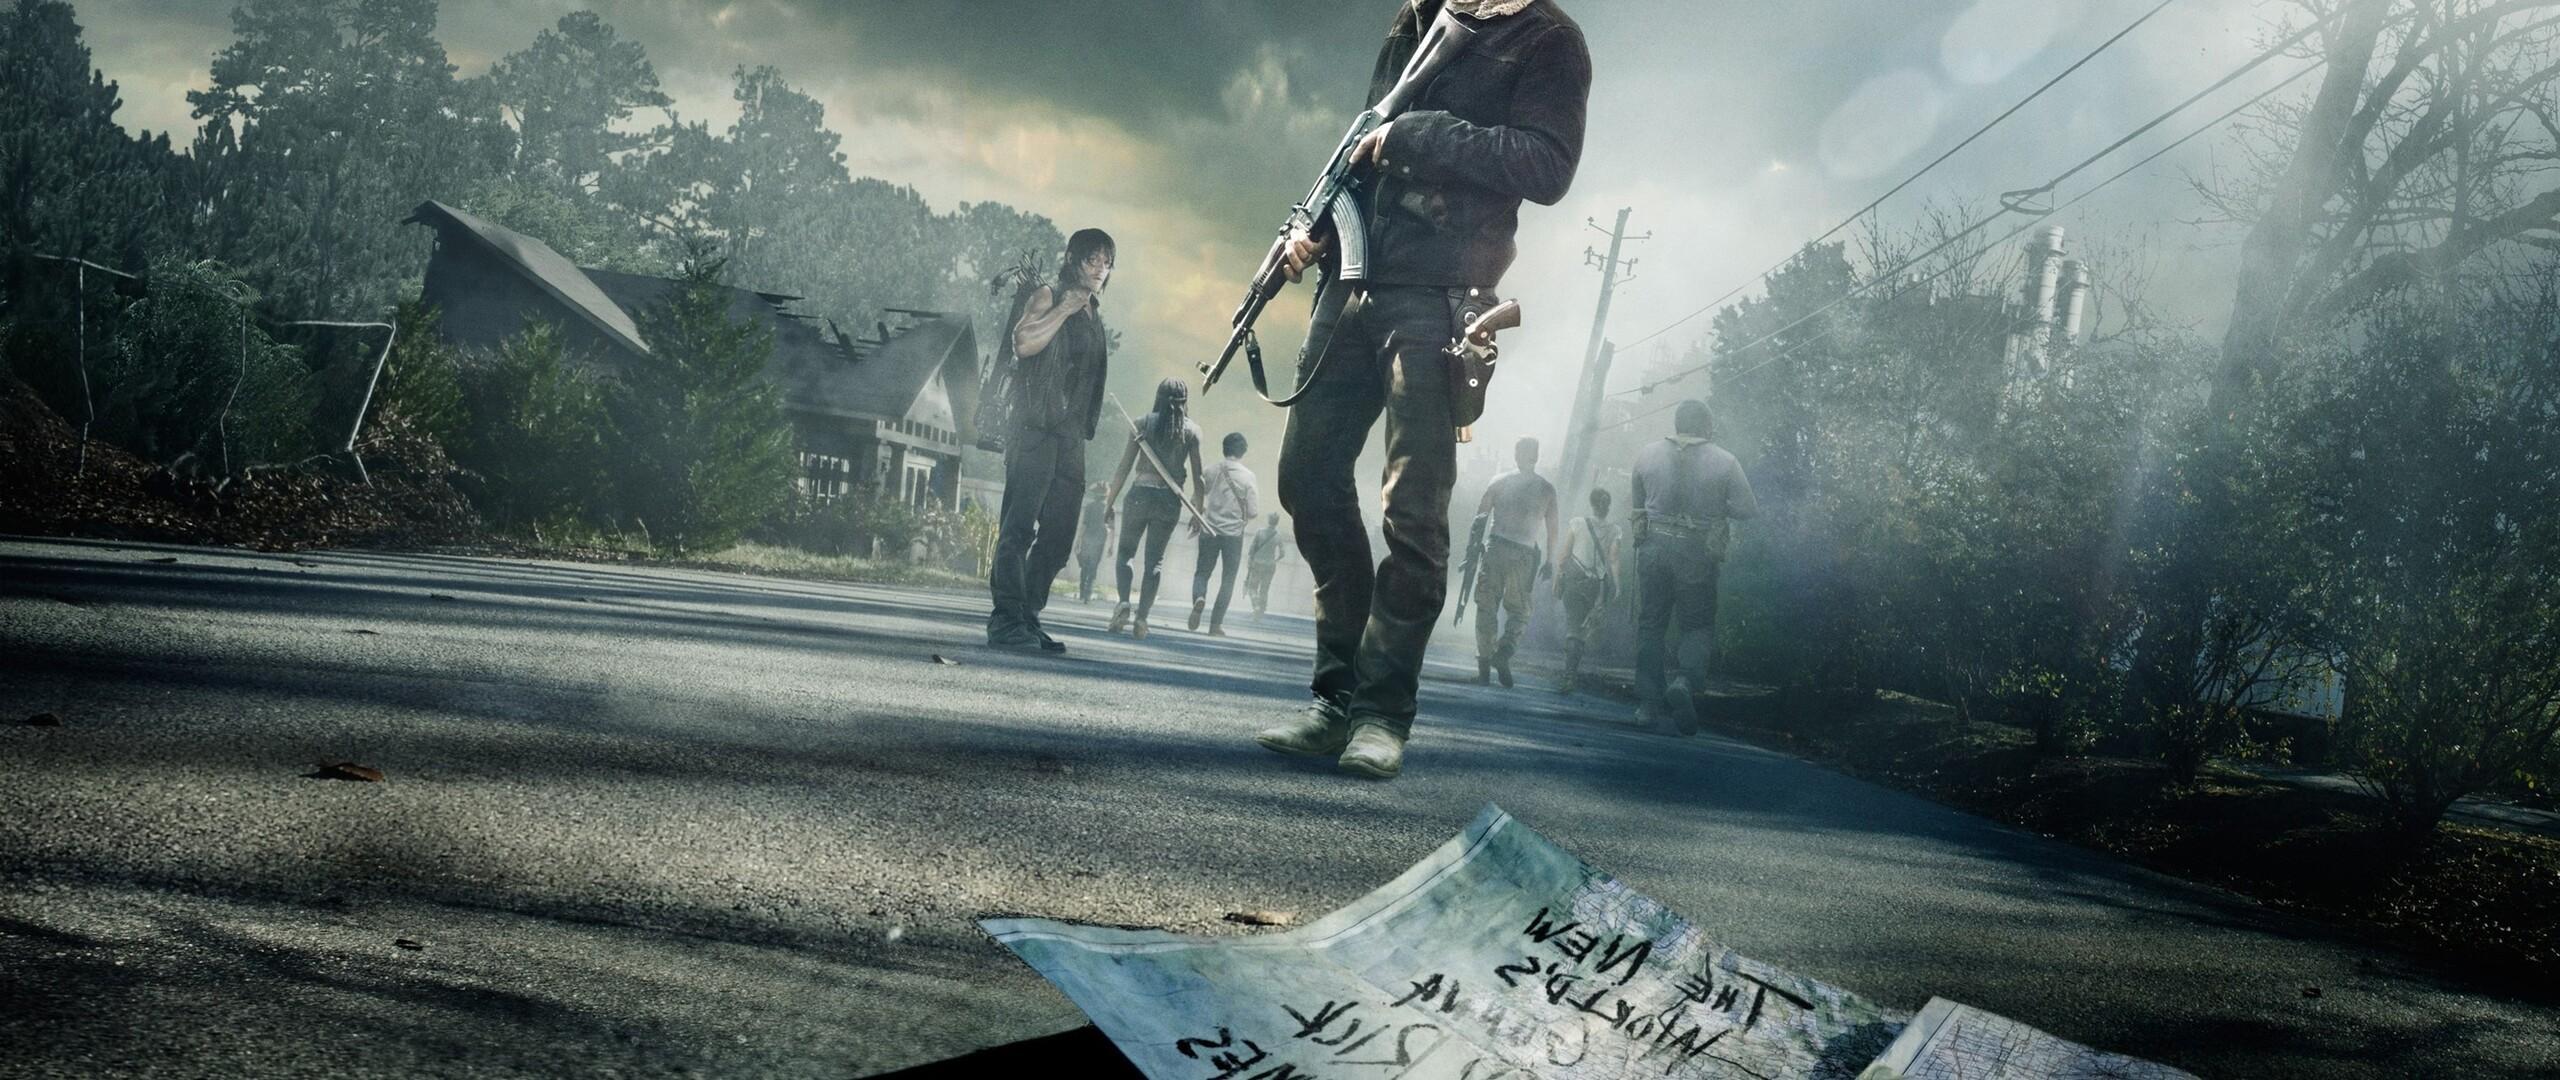 2560x1080 The Walking Dead Season 5 2560x1080 Resolution Hd 4k